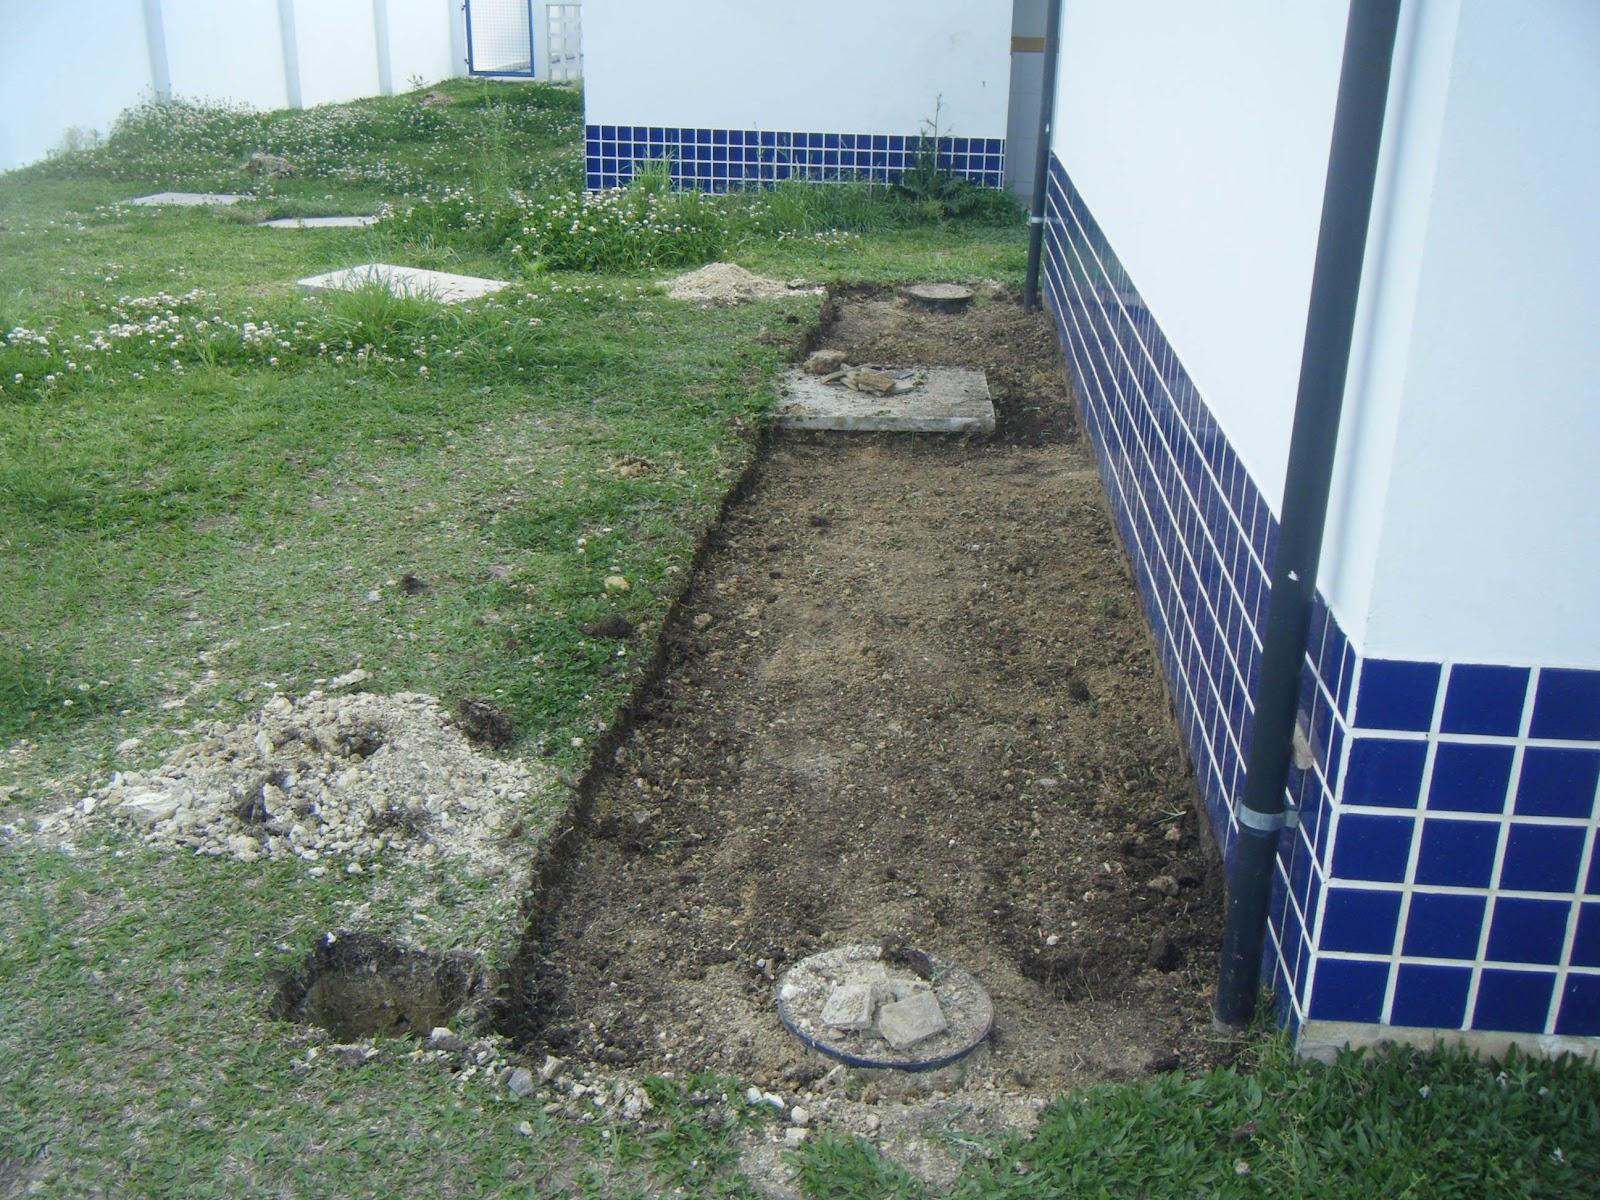 horta jardim e pomar:preparação do jardim jardim hoje